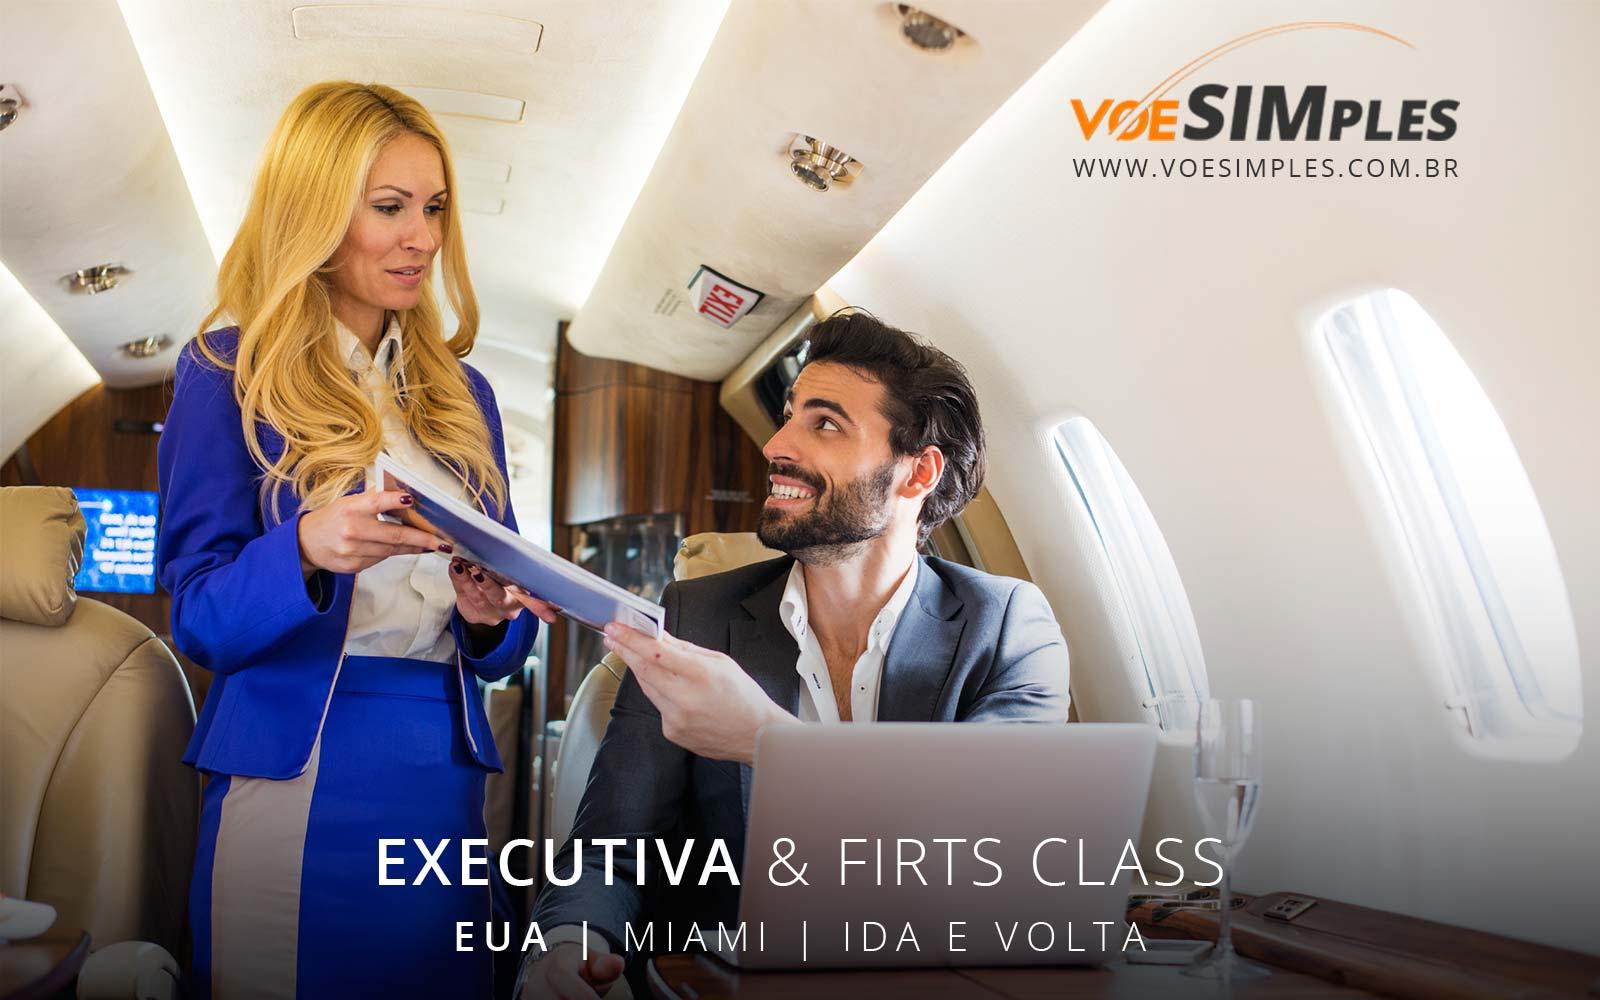 Passagem aérea classe executiva Avianca e American Airlines para os Estados Unidos